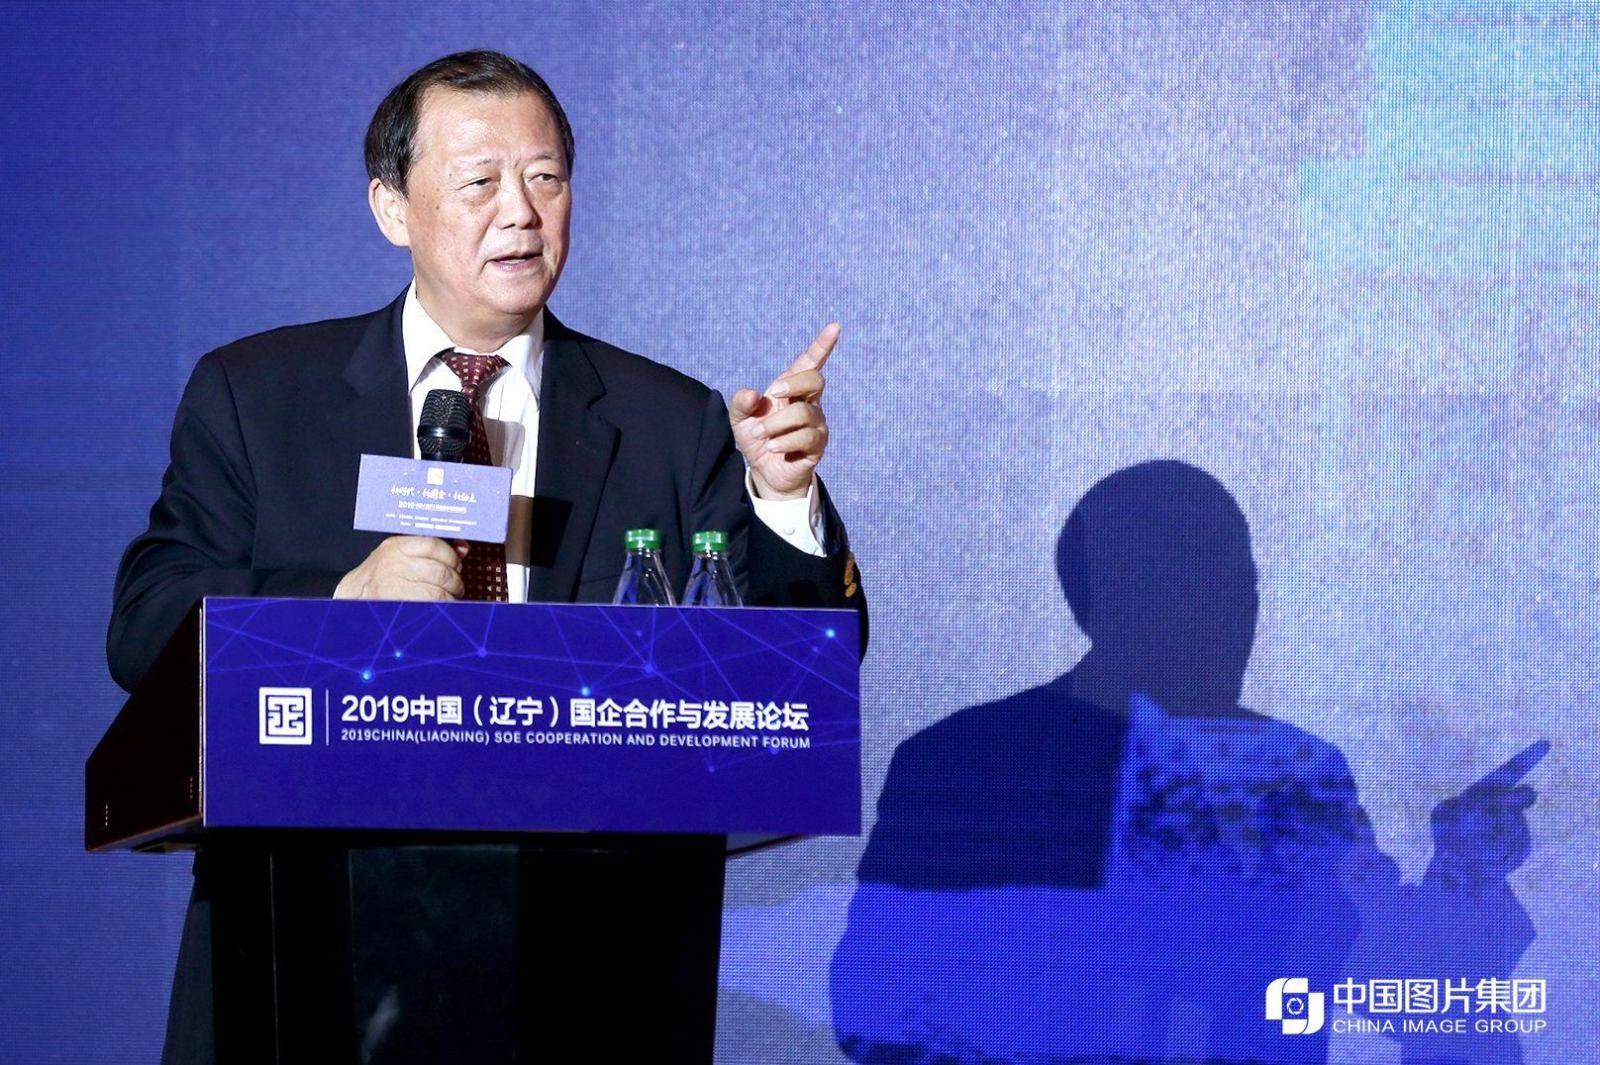 国务院参事室特约研究员、国家统计局原总经济师姚景源进行主旨演讲。